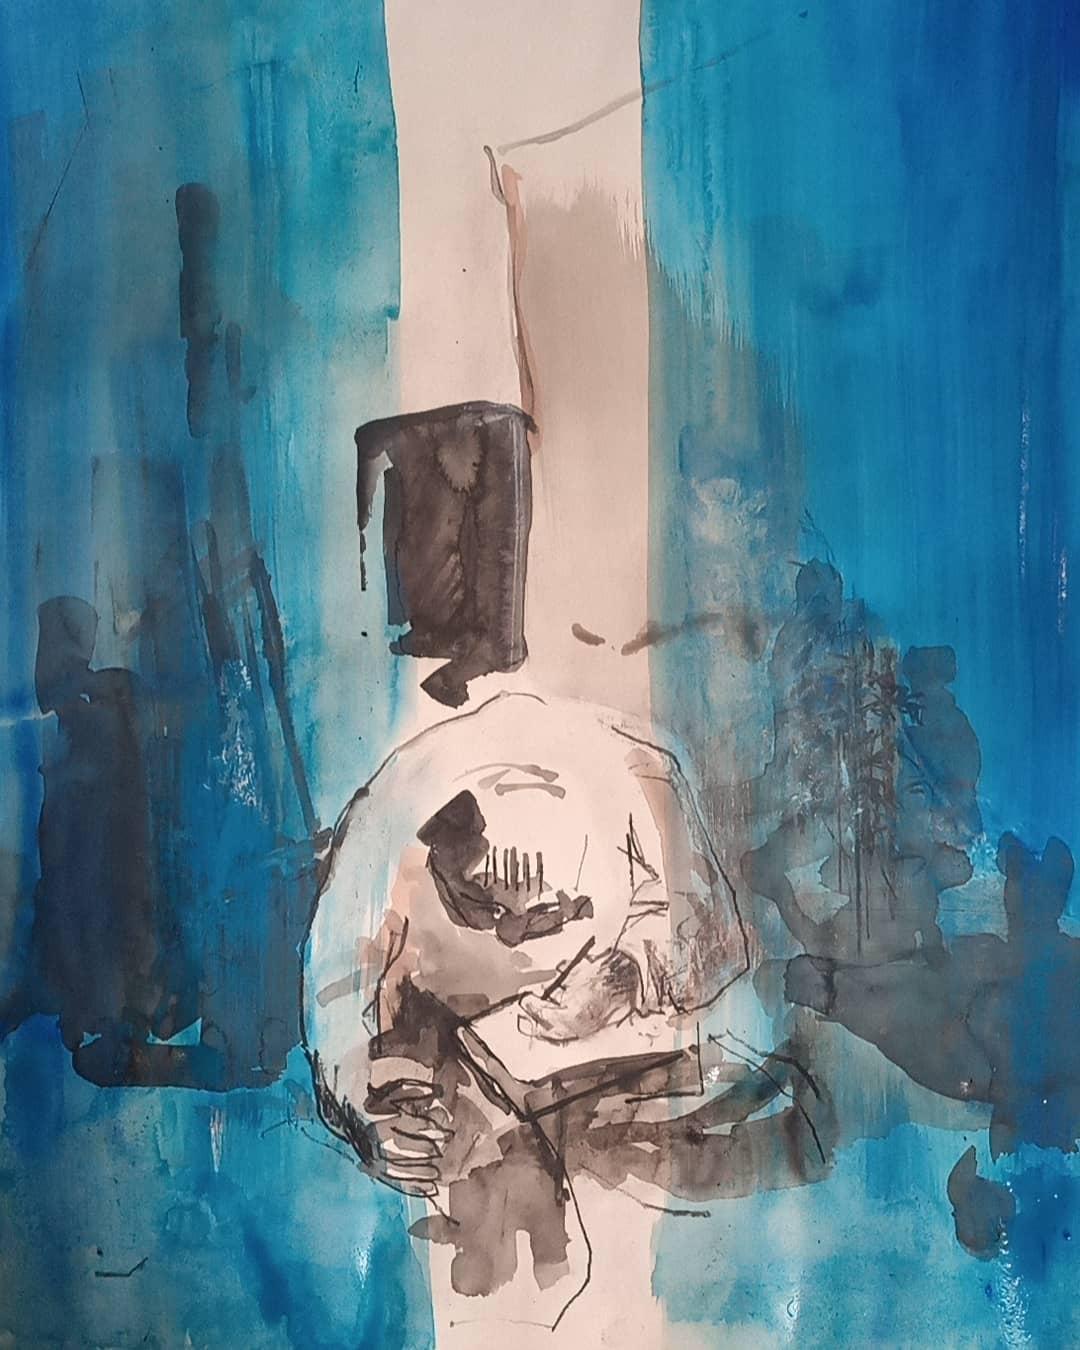 Manu dessinant - Encre de chine, fusain, mine noire et gouache sur papier - 65x50 cm - probablement 1997/2020 #lưuvăntâm  #peinture #artcontemporain  #peinturesurpapier #contemporarydrawing #contemporaryart  #workonpaper #artforsale